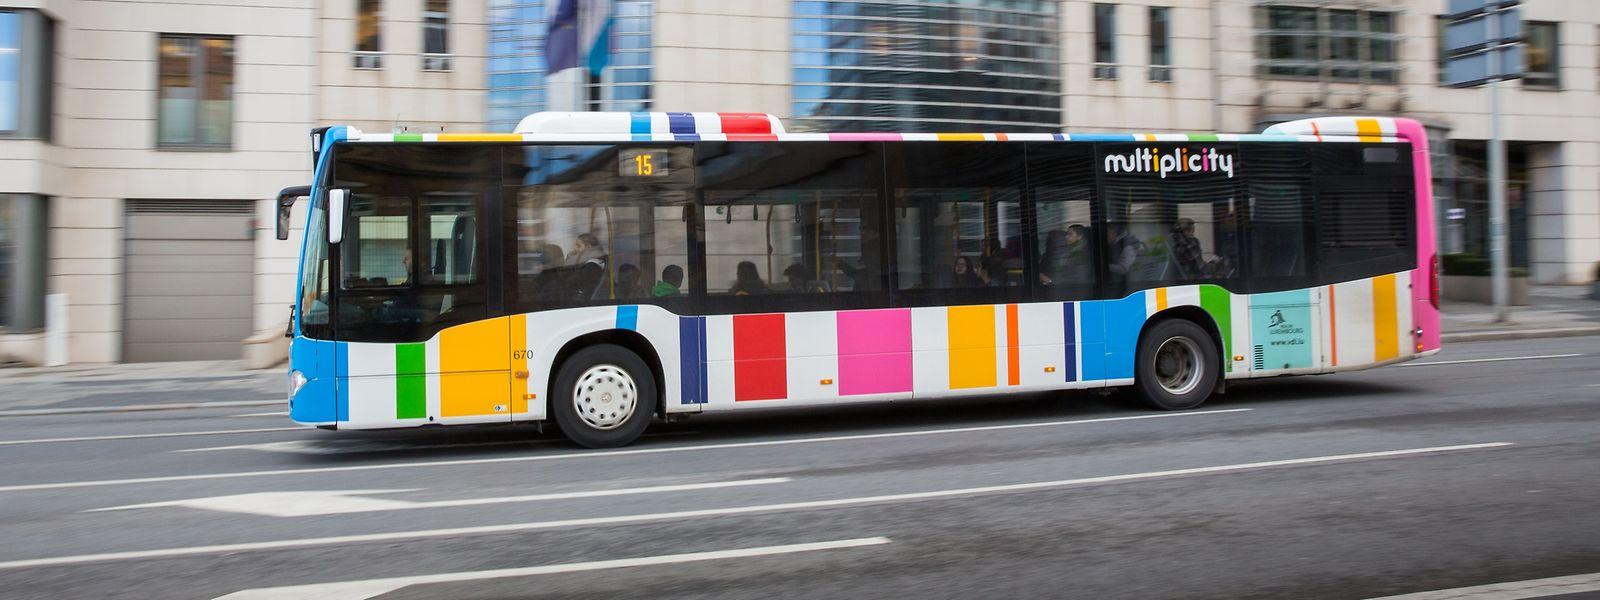 In den Bussen werden durch den Ticketverauf nur 8,2 Prozent der Betriebskosten gedeckt.